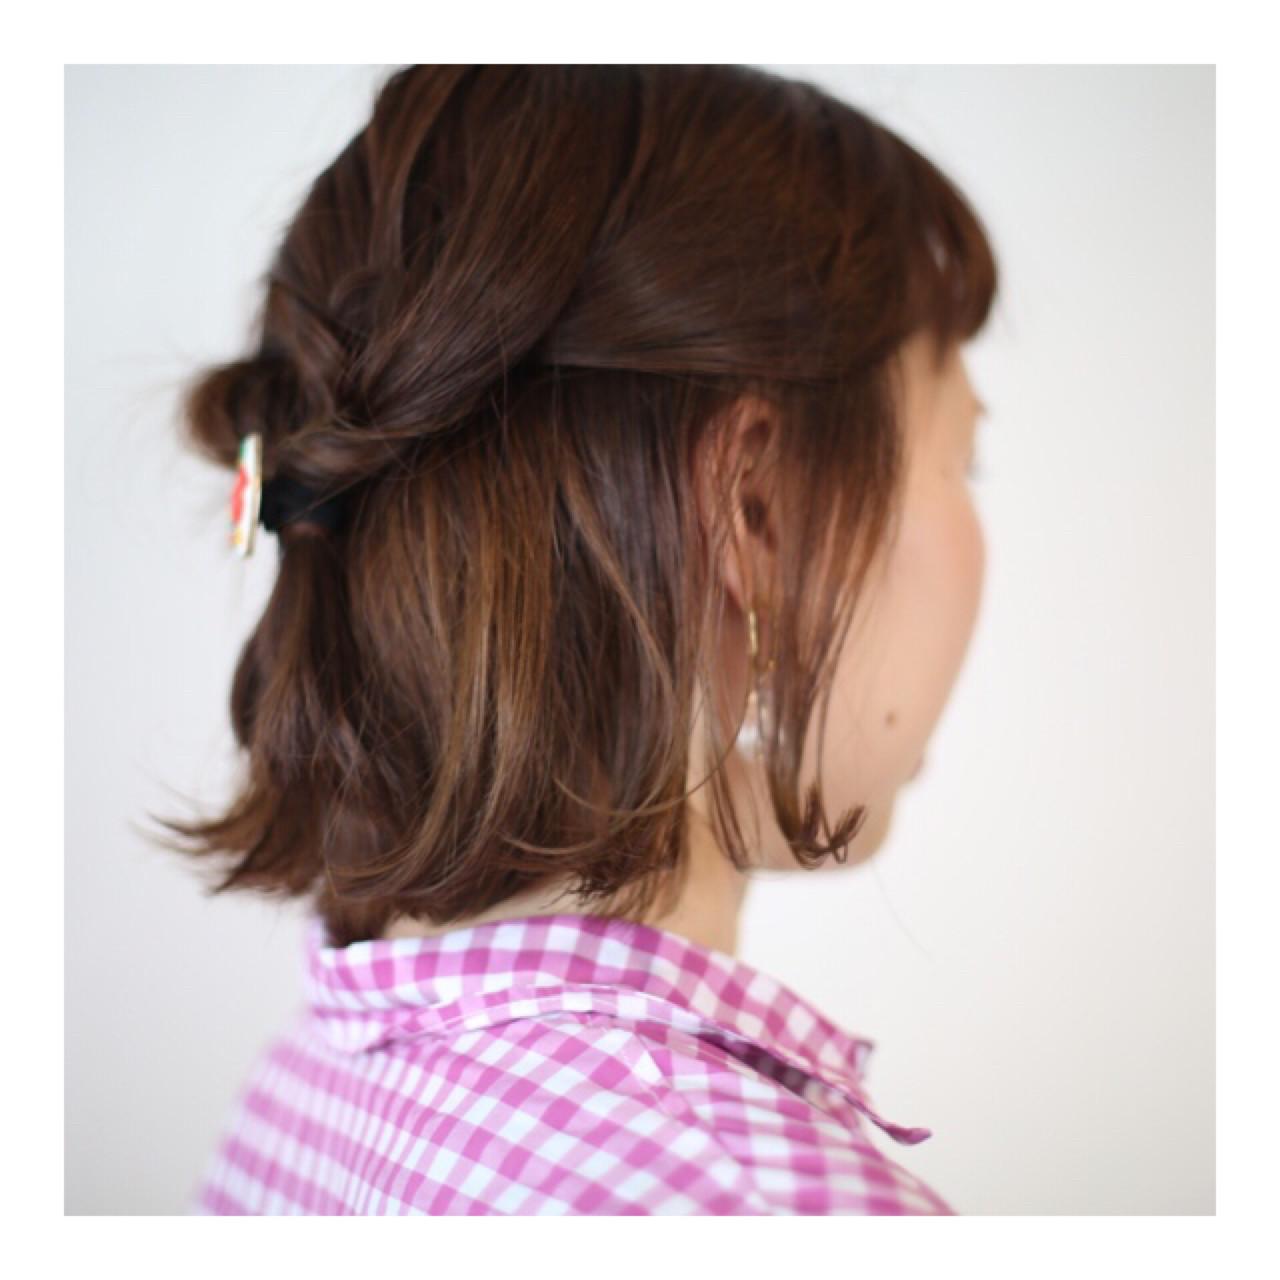 ナチュラル ブリーチ ボブ ダブルカラー ヘアスタイルや髪型の写真・画像 | オノミカ / g.hair design